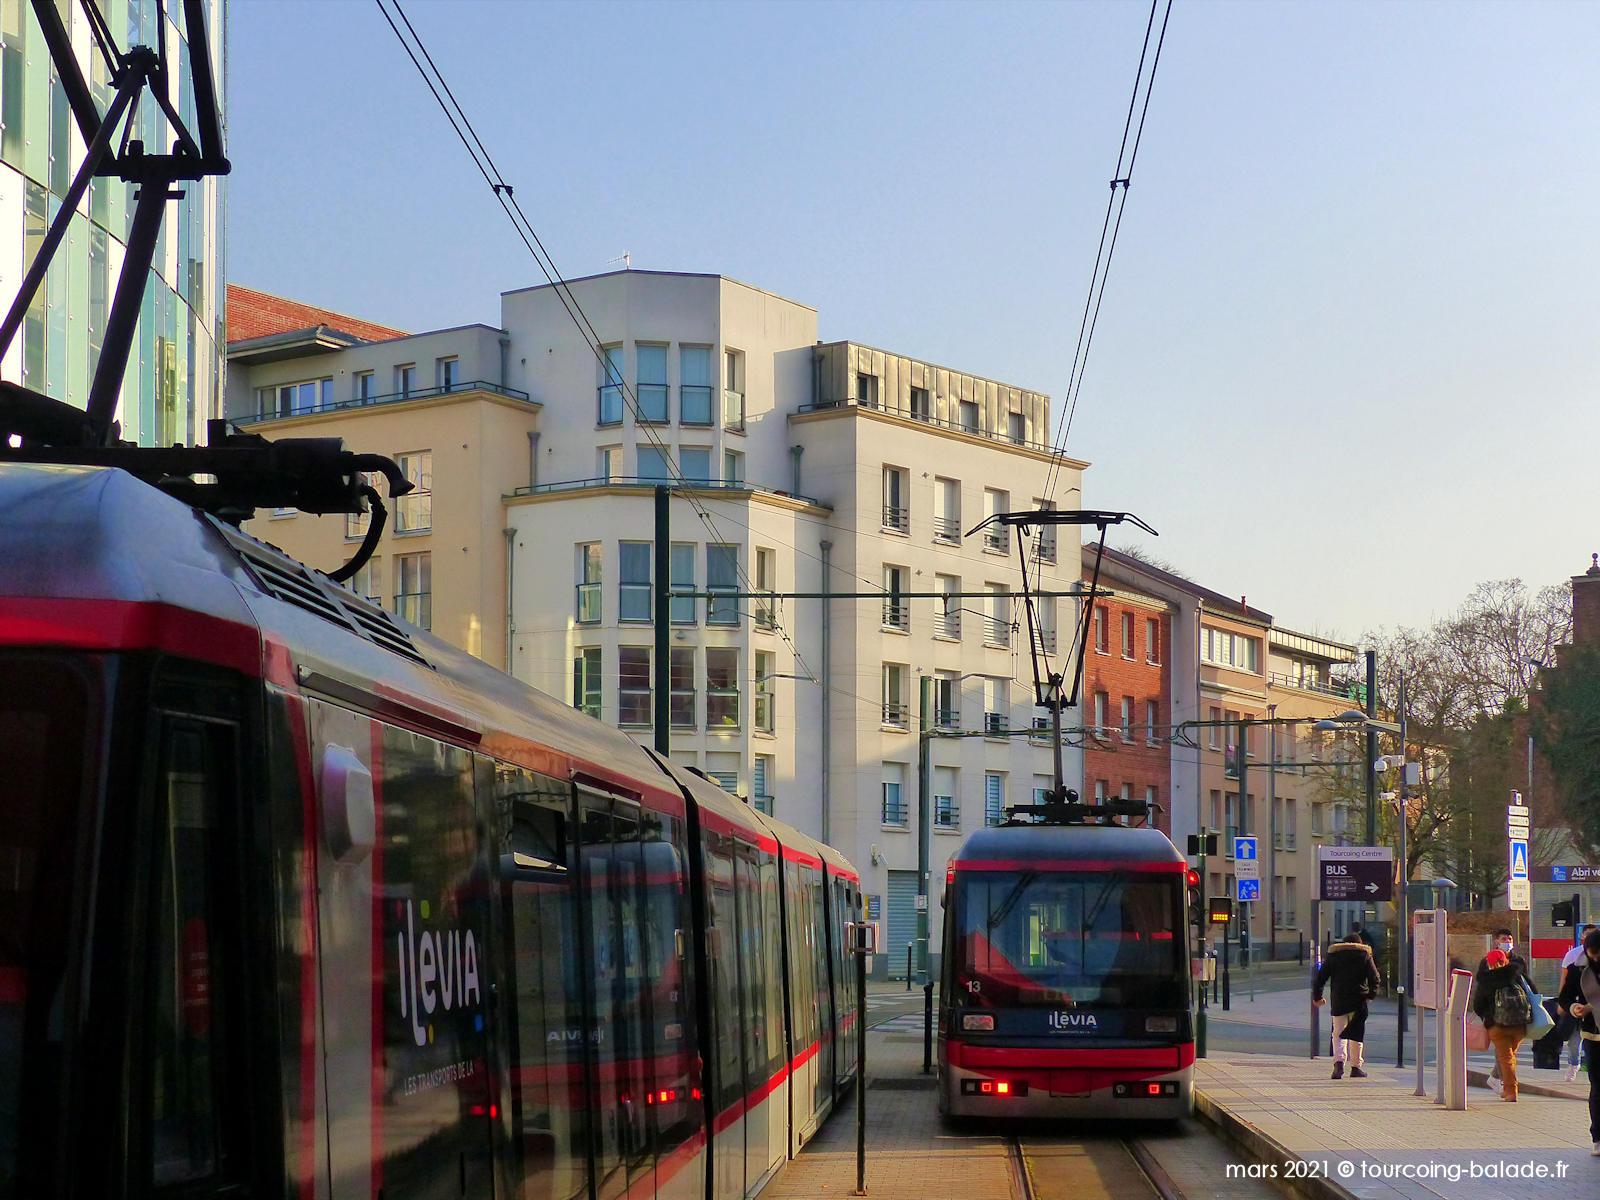 Passage Mongy, Tourcoing 2021